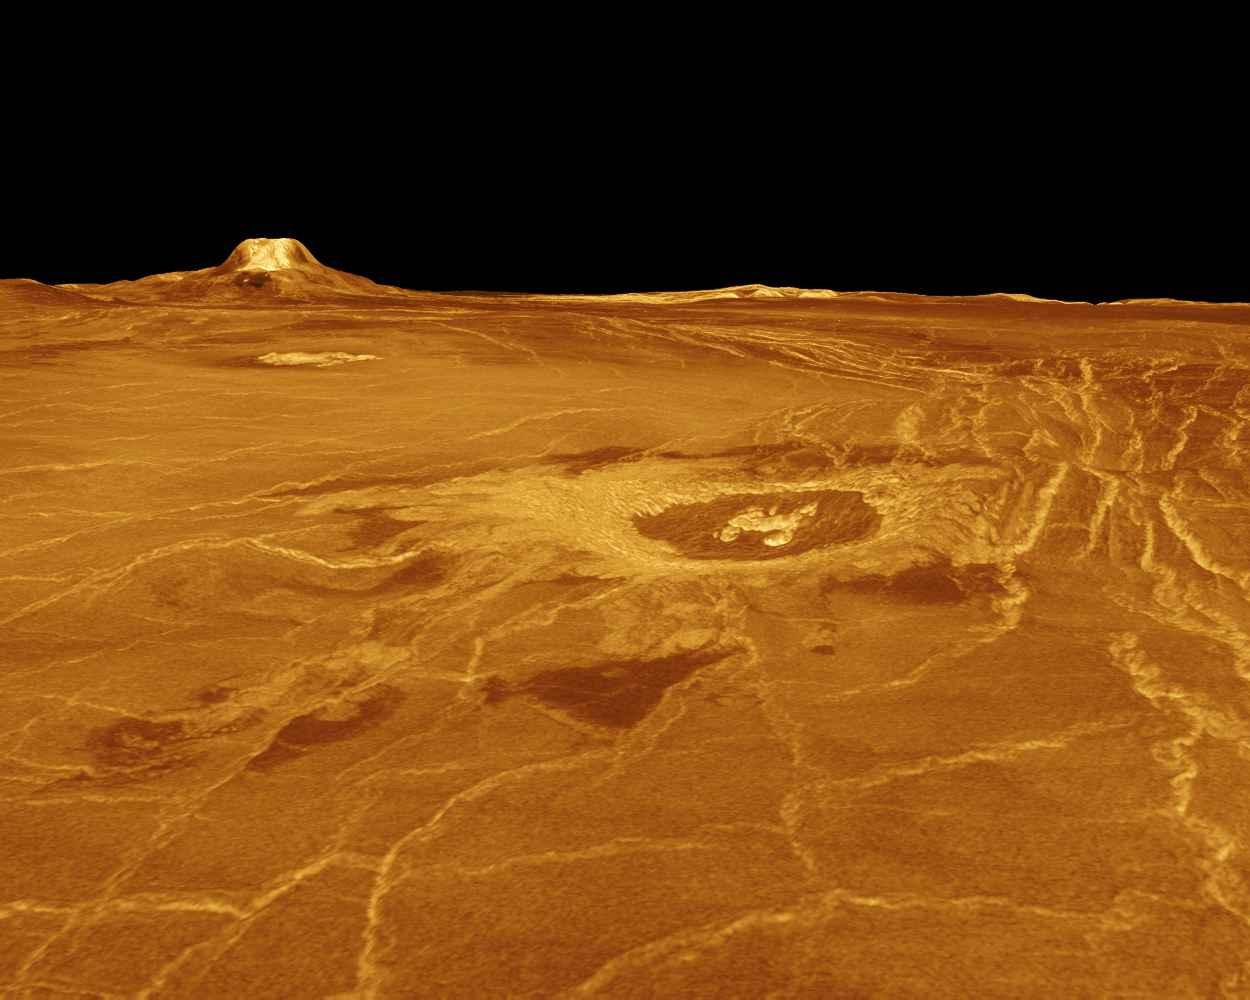 Рис 22 эстла регион на венере вдалеке